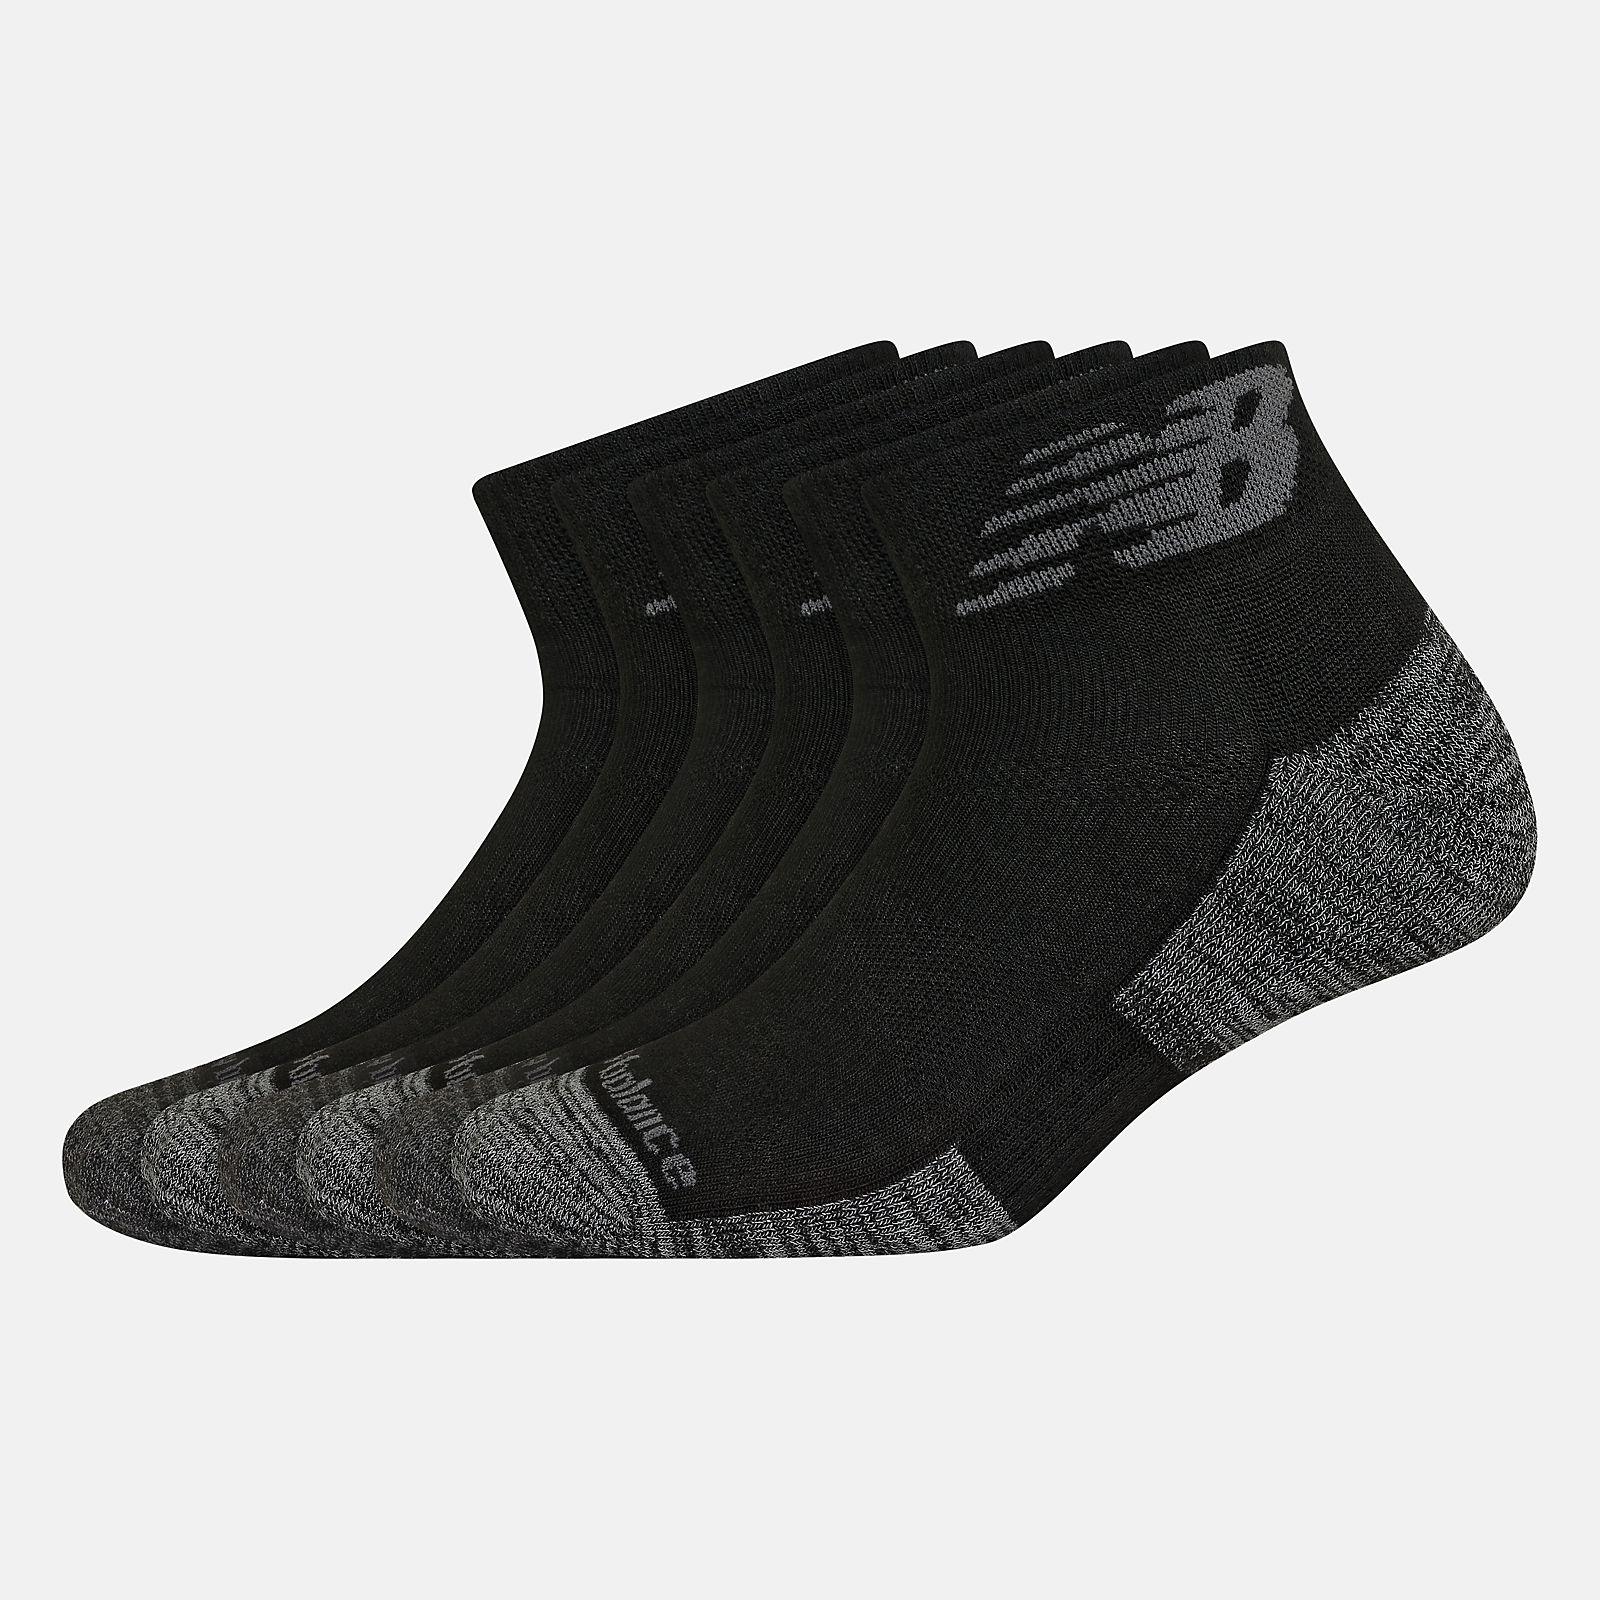 Performance Cushion Quarter Socks 6 Pack